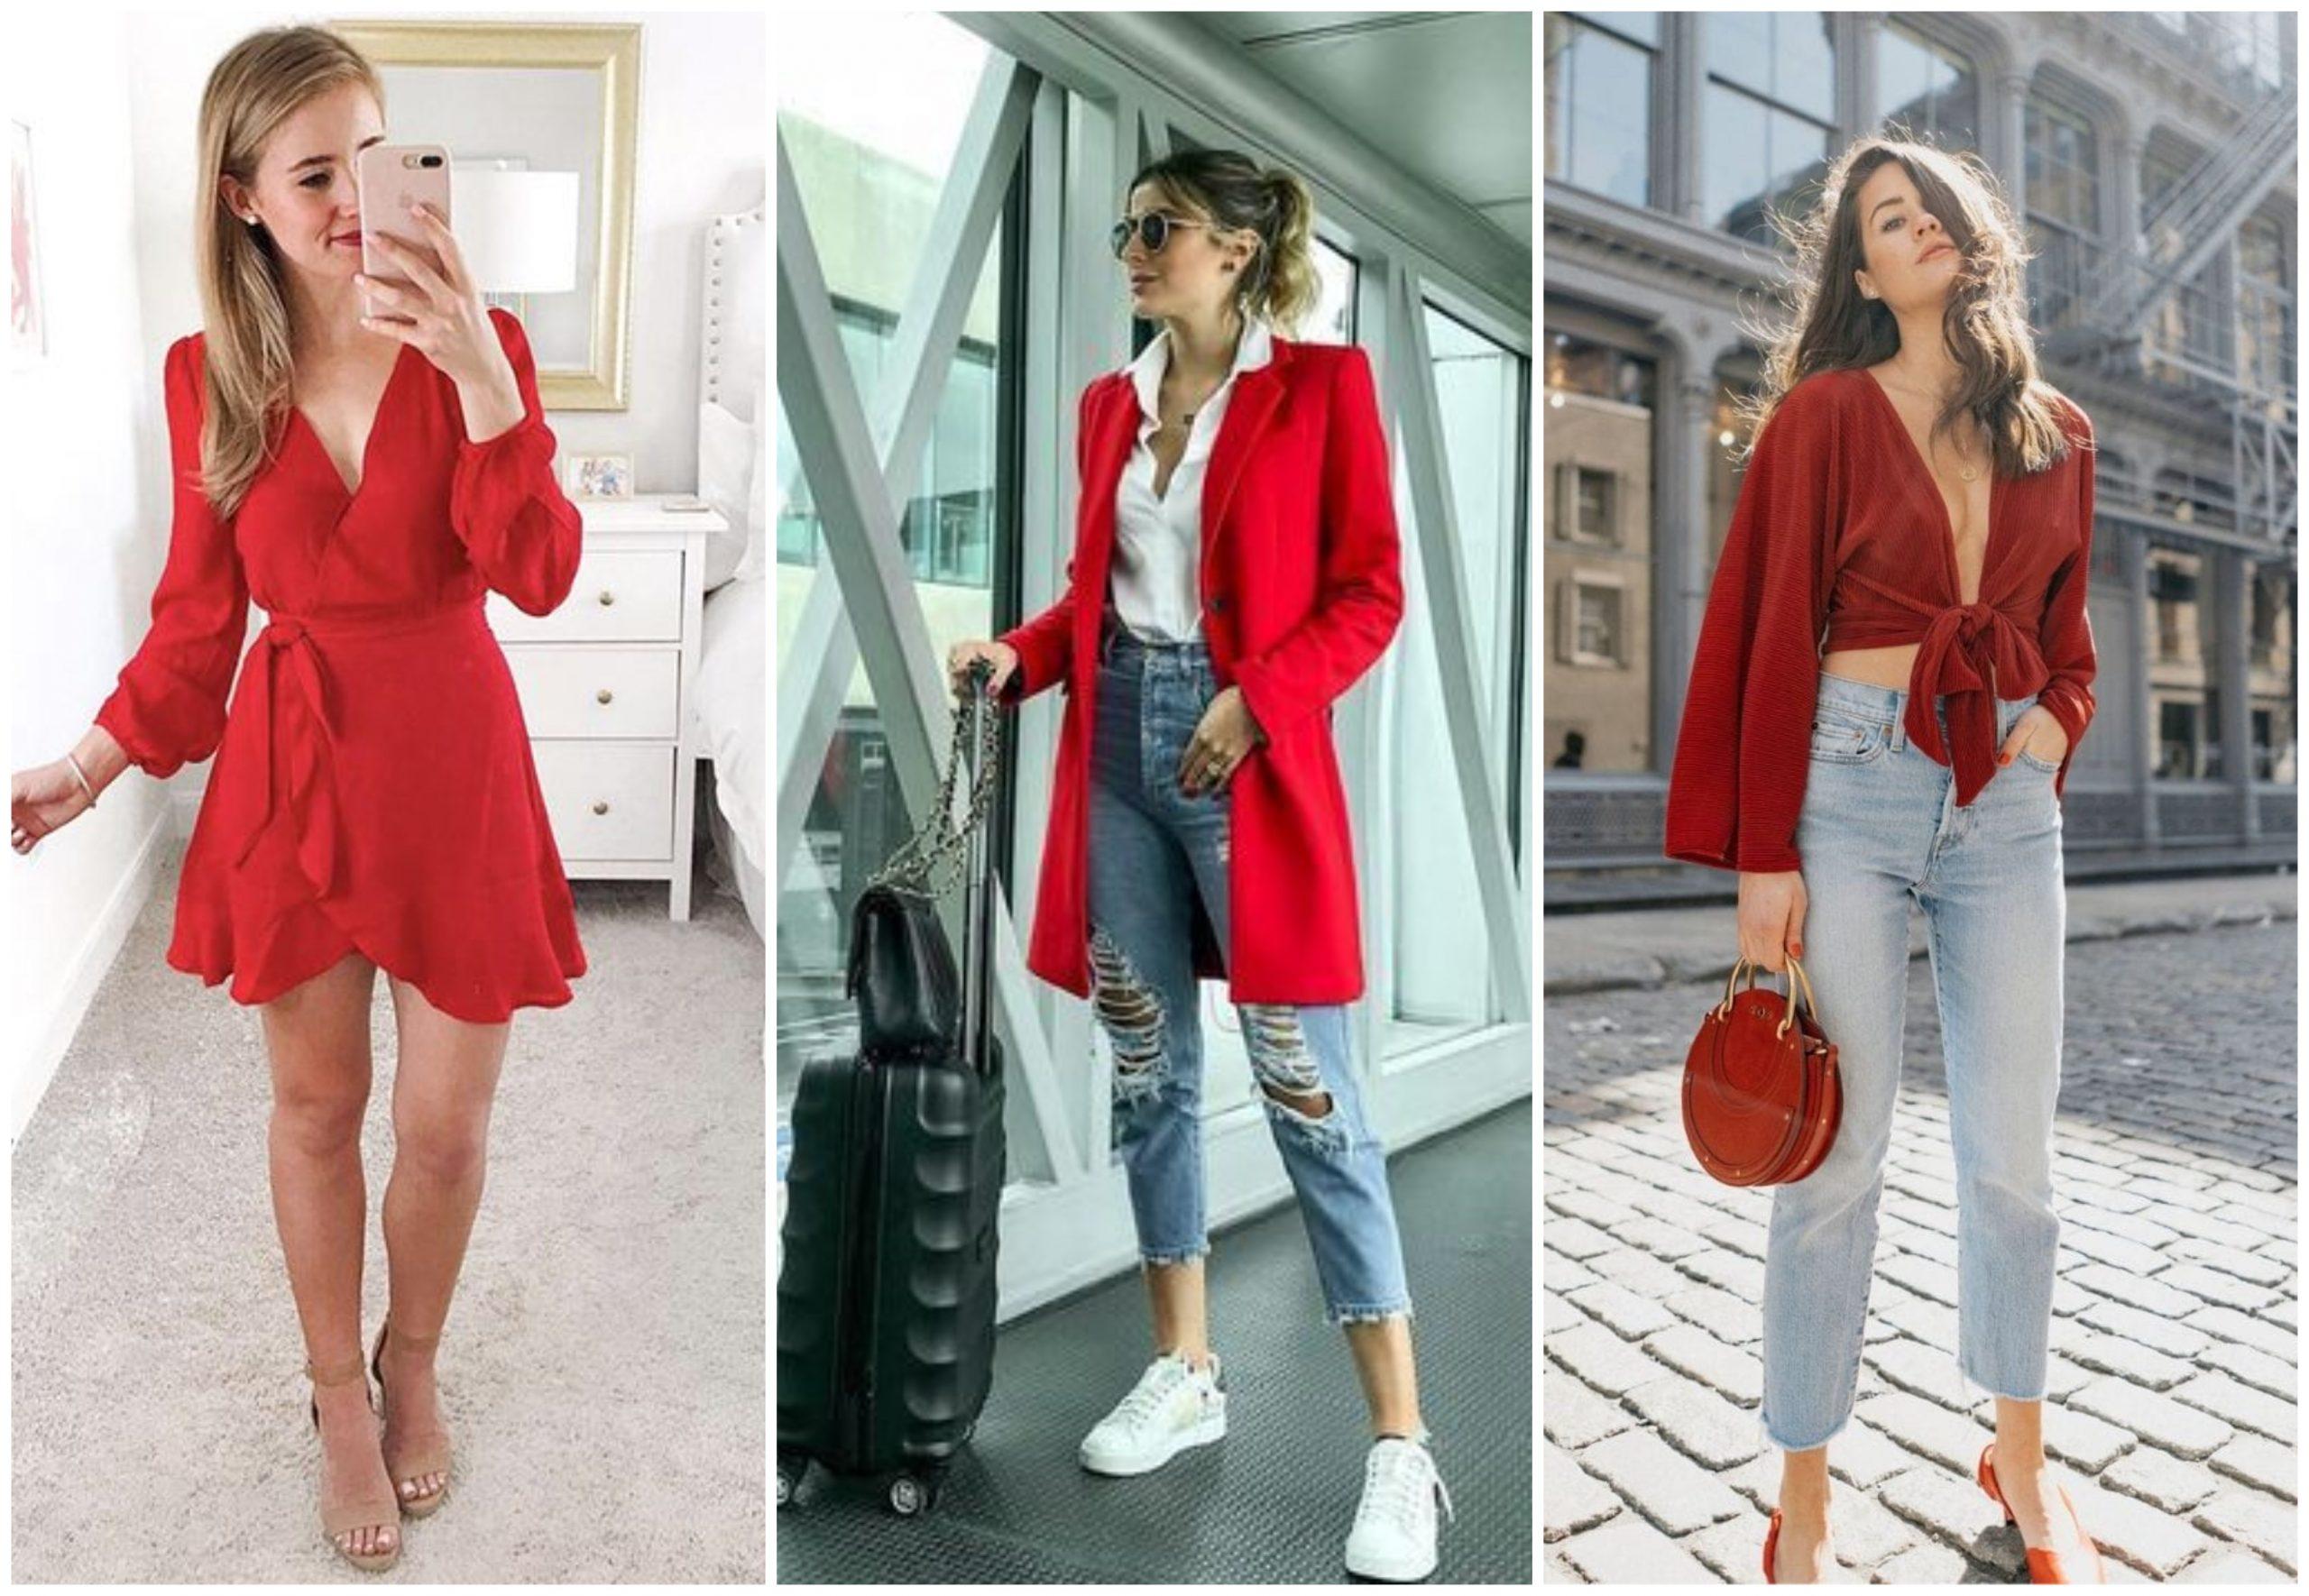 Outfits increíbles y atractivos con prendas de color rojo